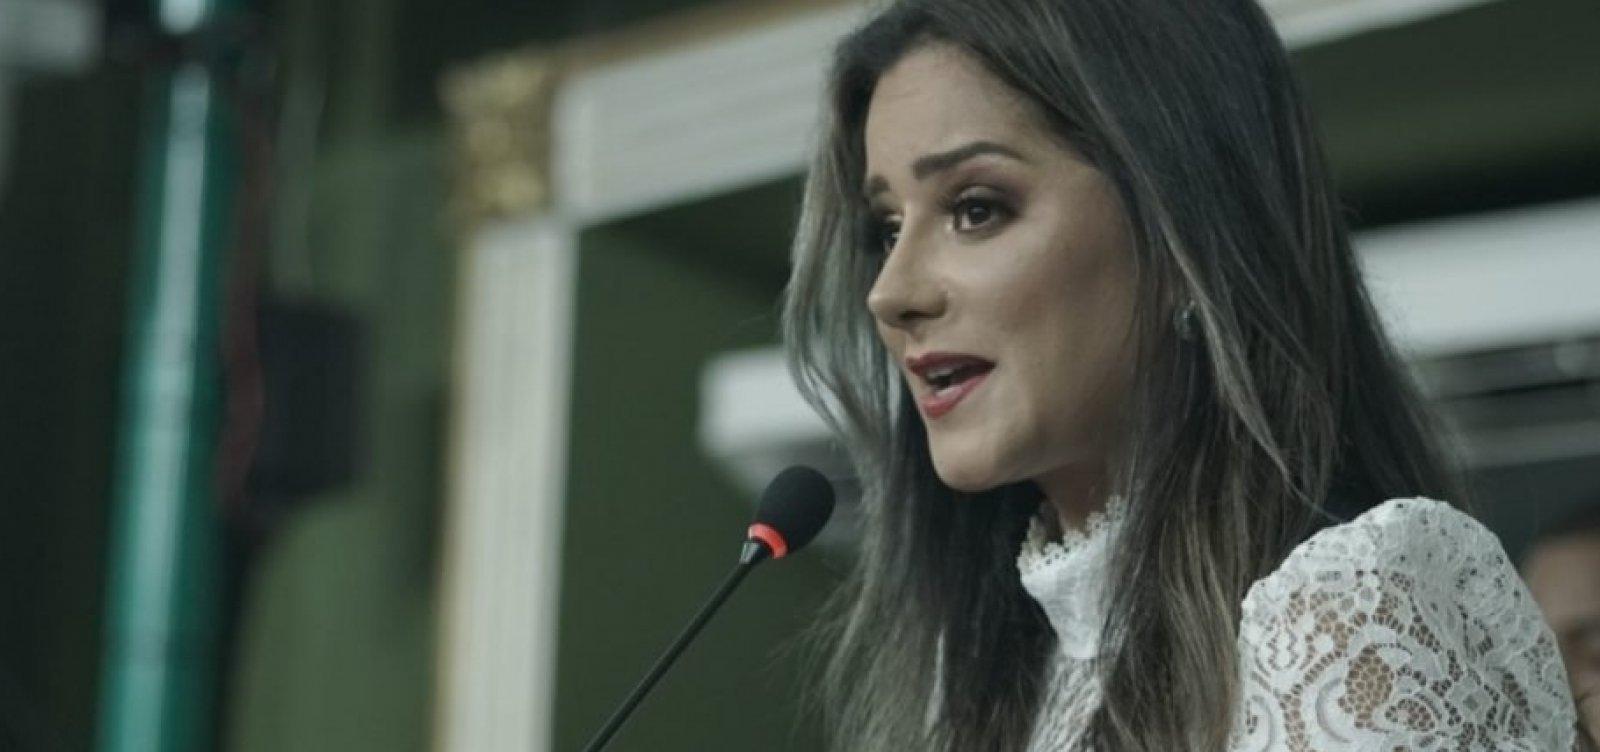 ['A limitação é inconstitucional', afirma Lorena Brandão sobre projeto dos aplicativos]